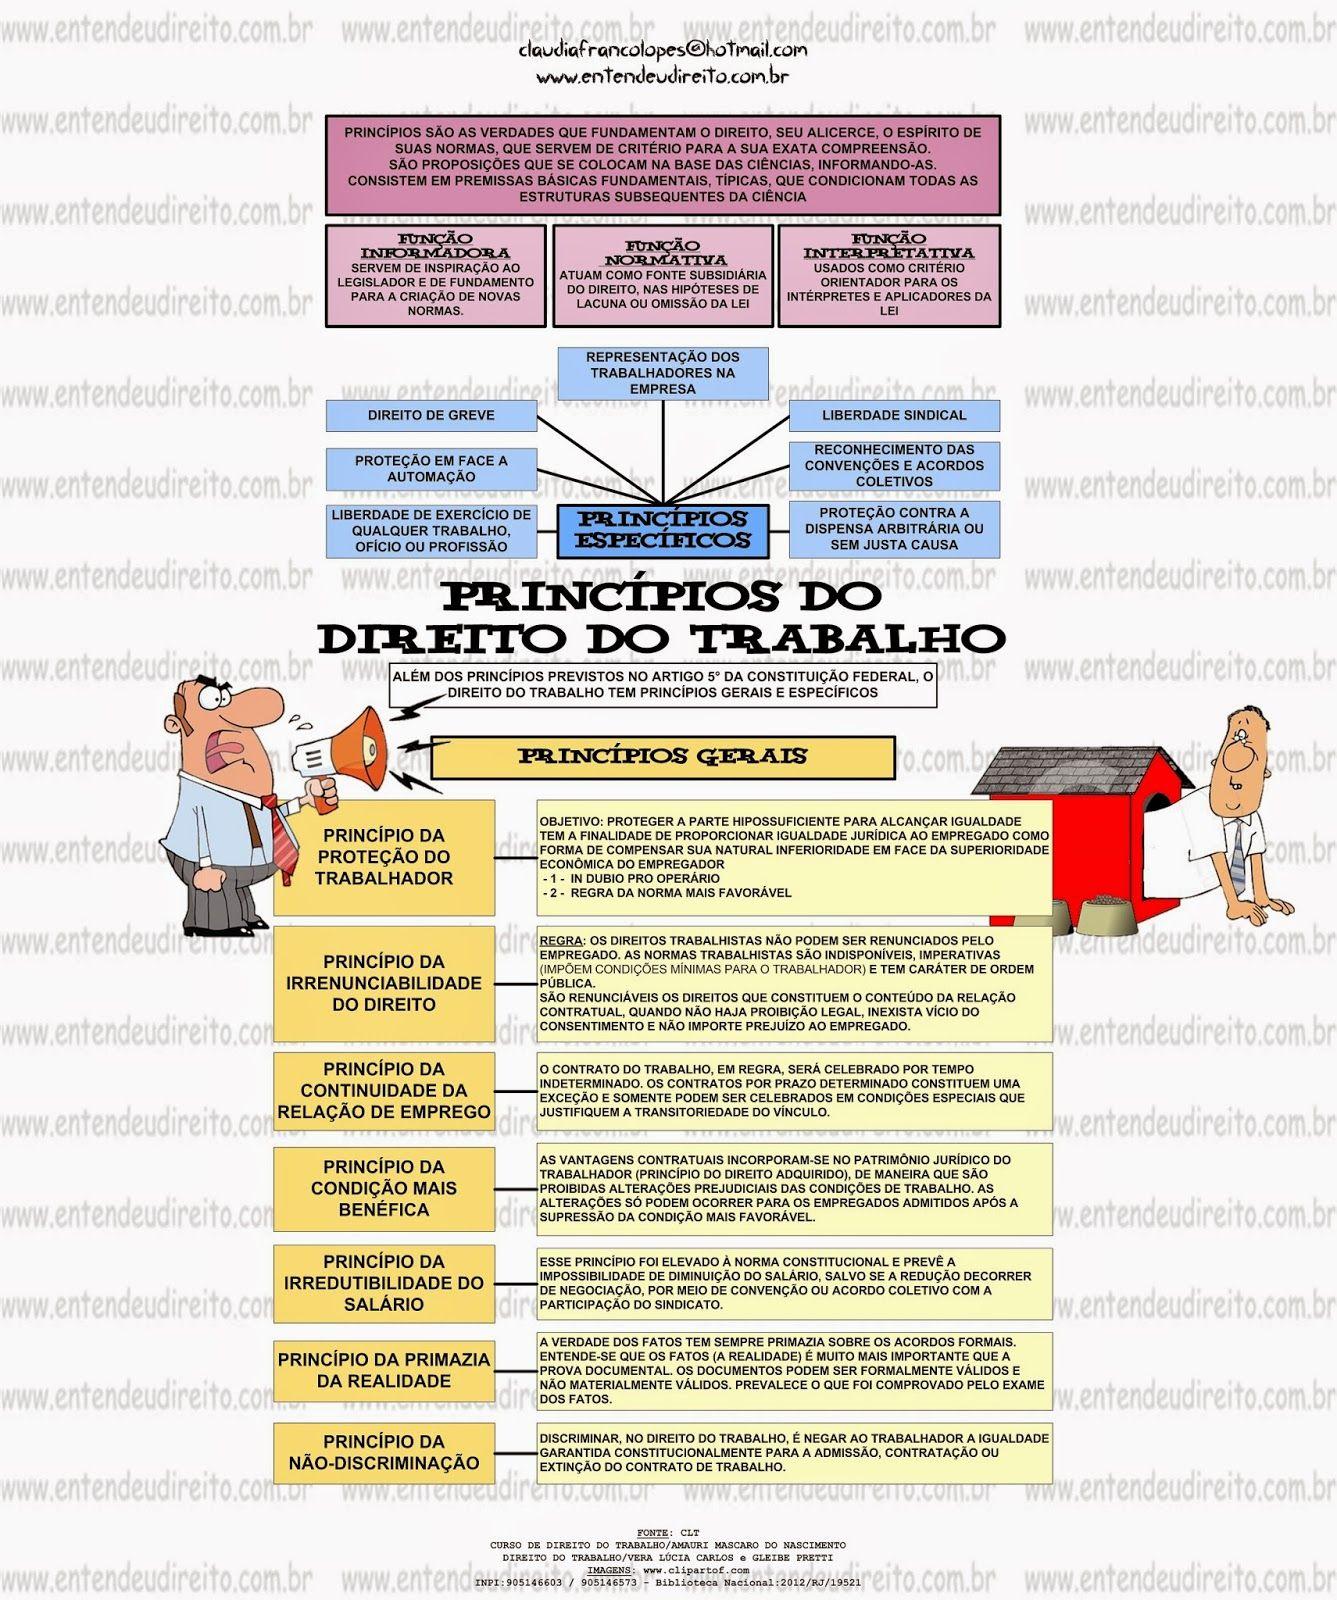 Direito do trabalho definição